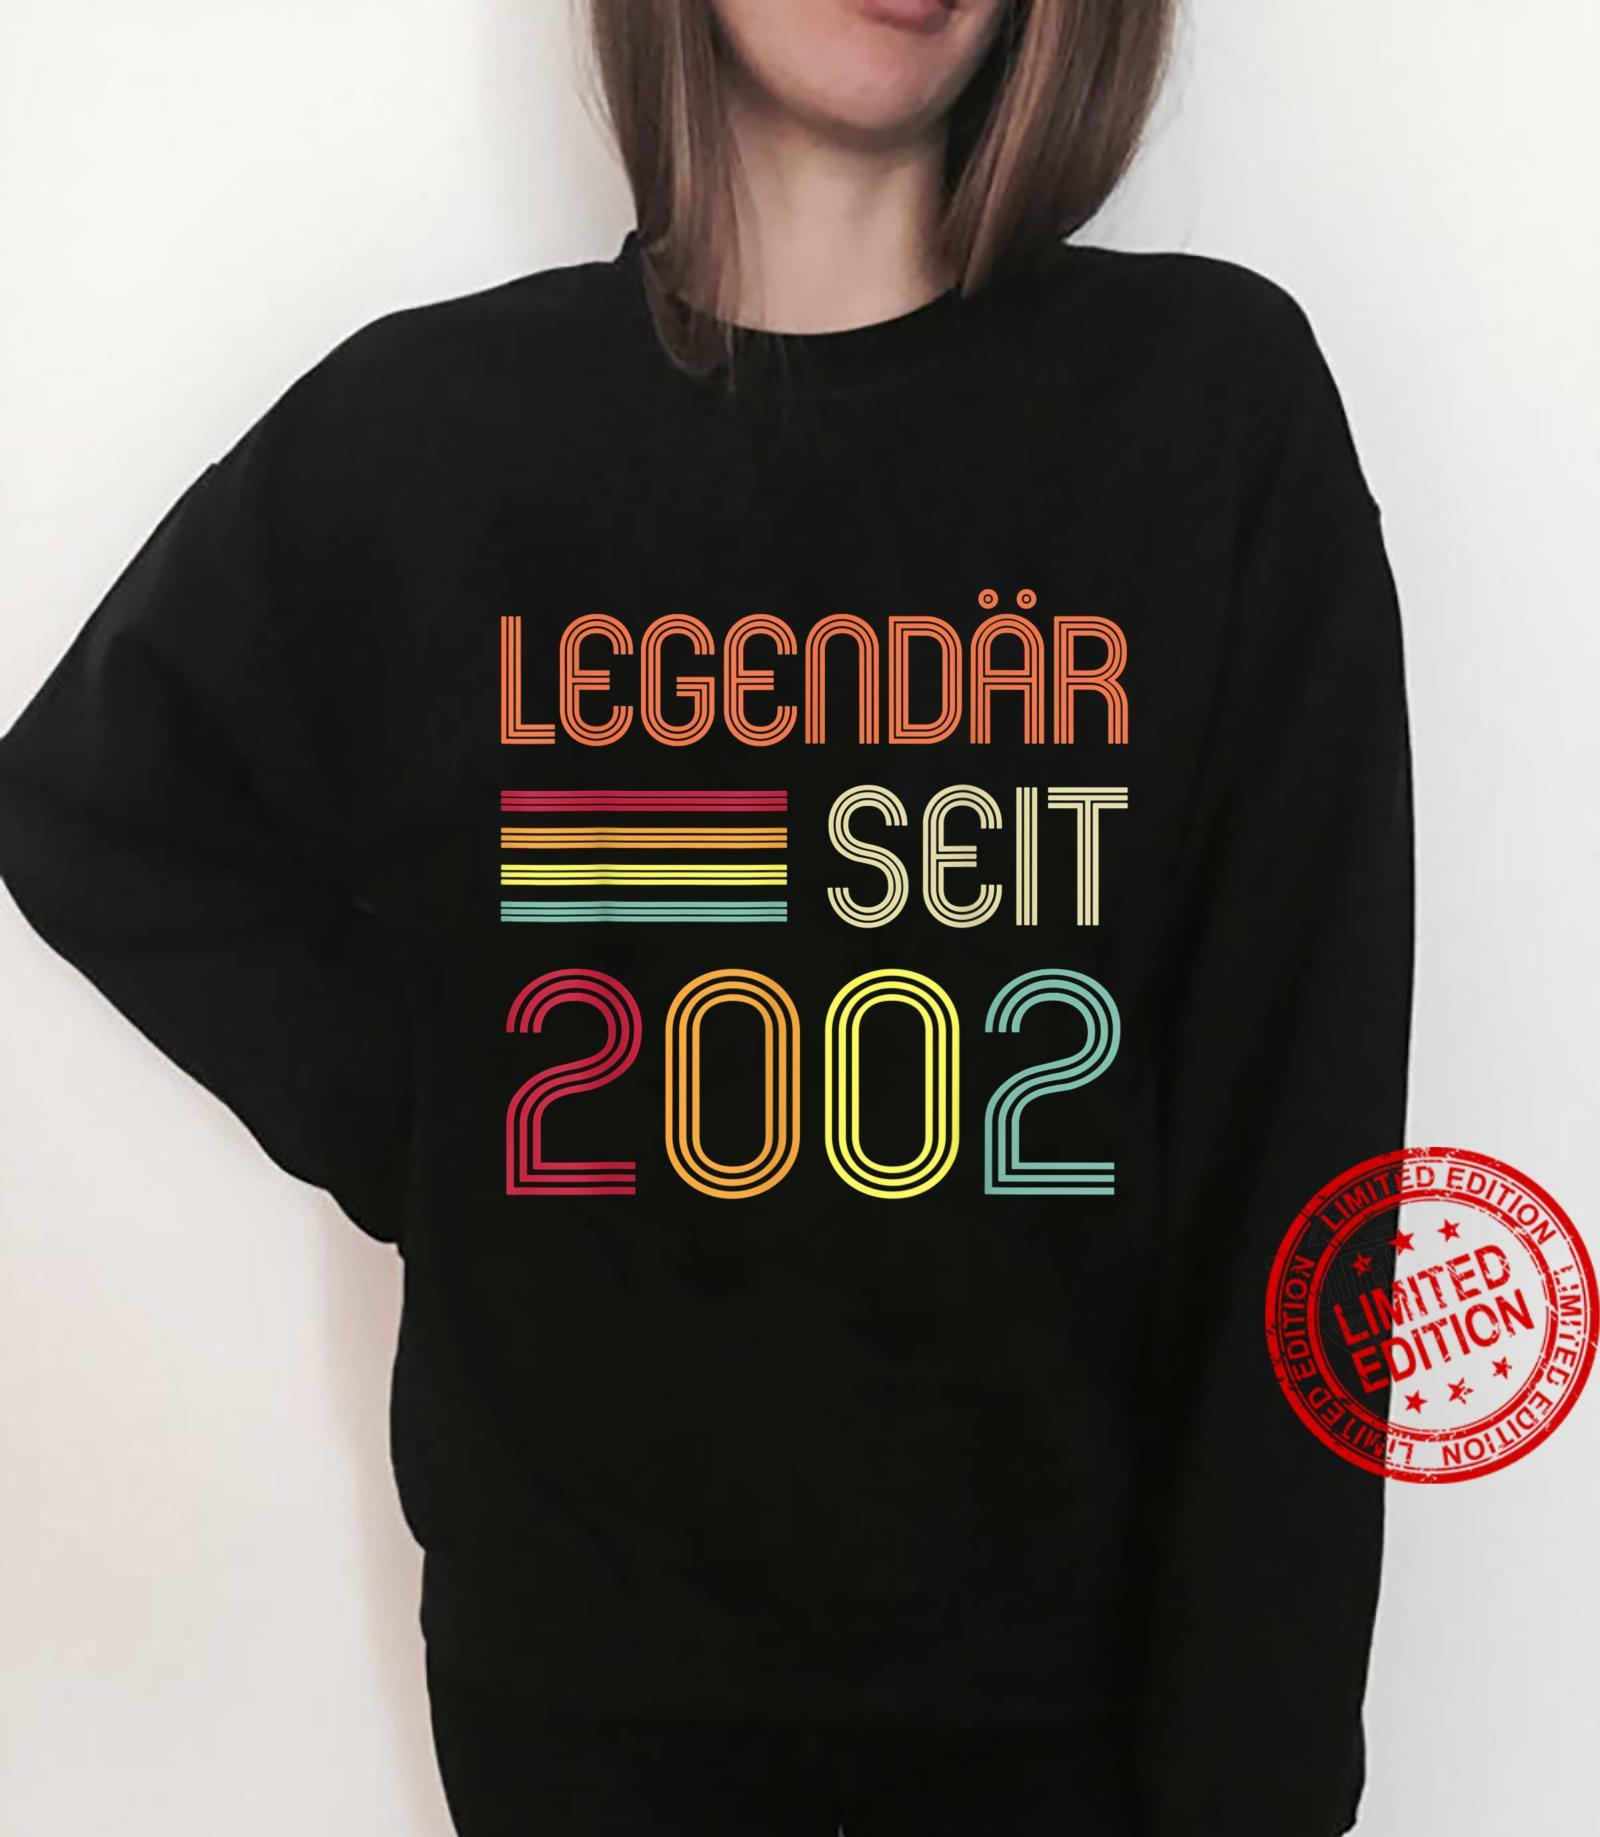 19. Geburtstag Legendär Seit 2002 Geschenk Shirt sweater